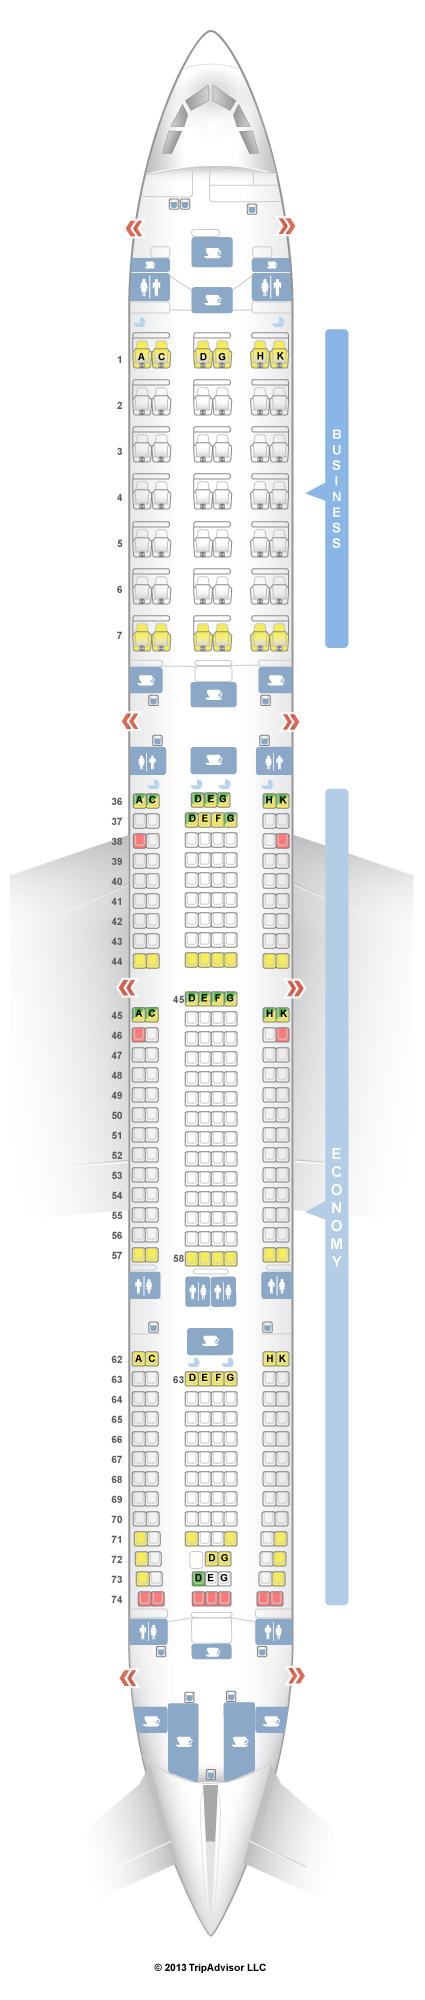 Airbus A340 600 Sitzplan South African - Sitzplan auf Deutsch